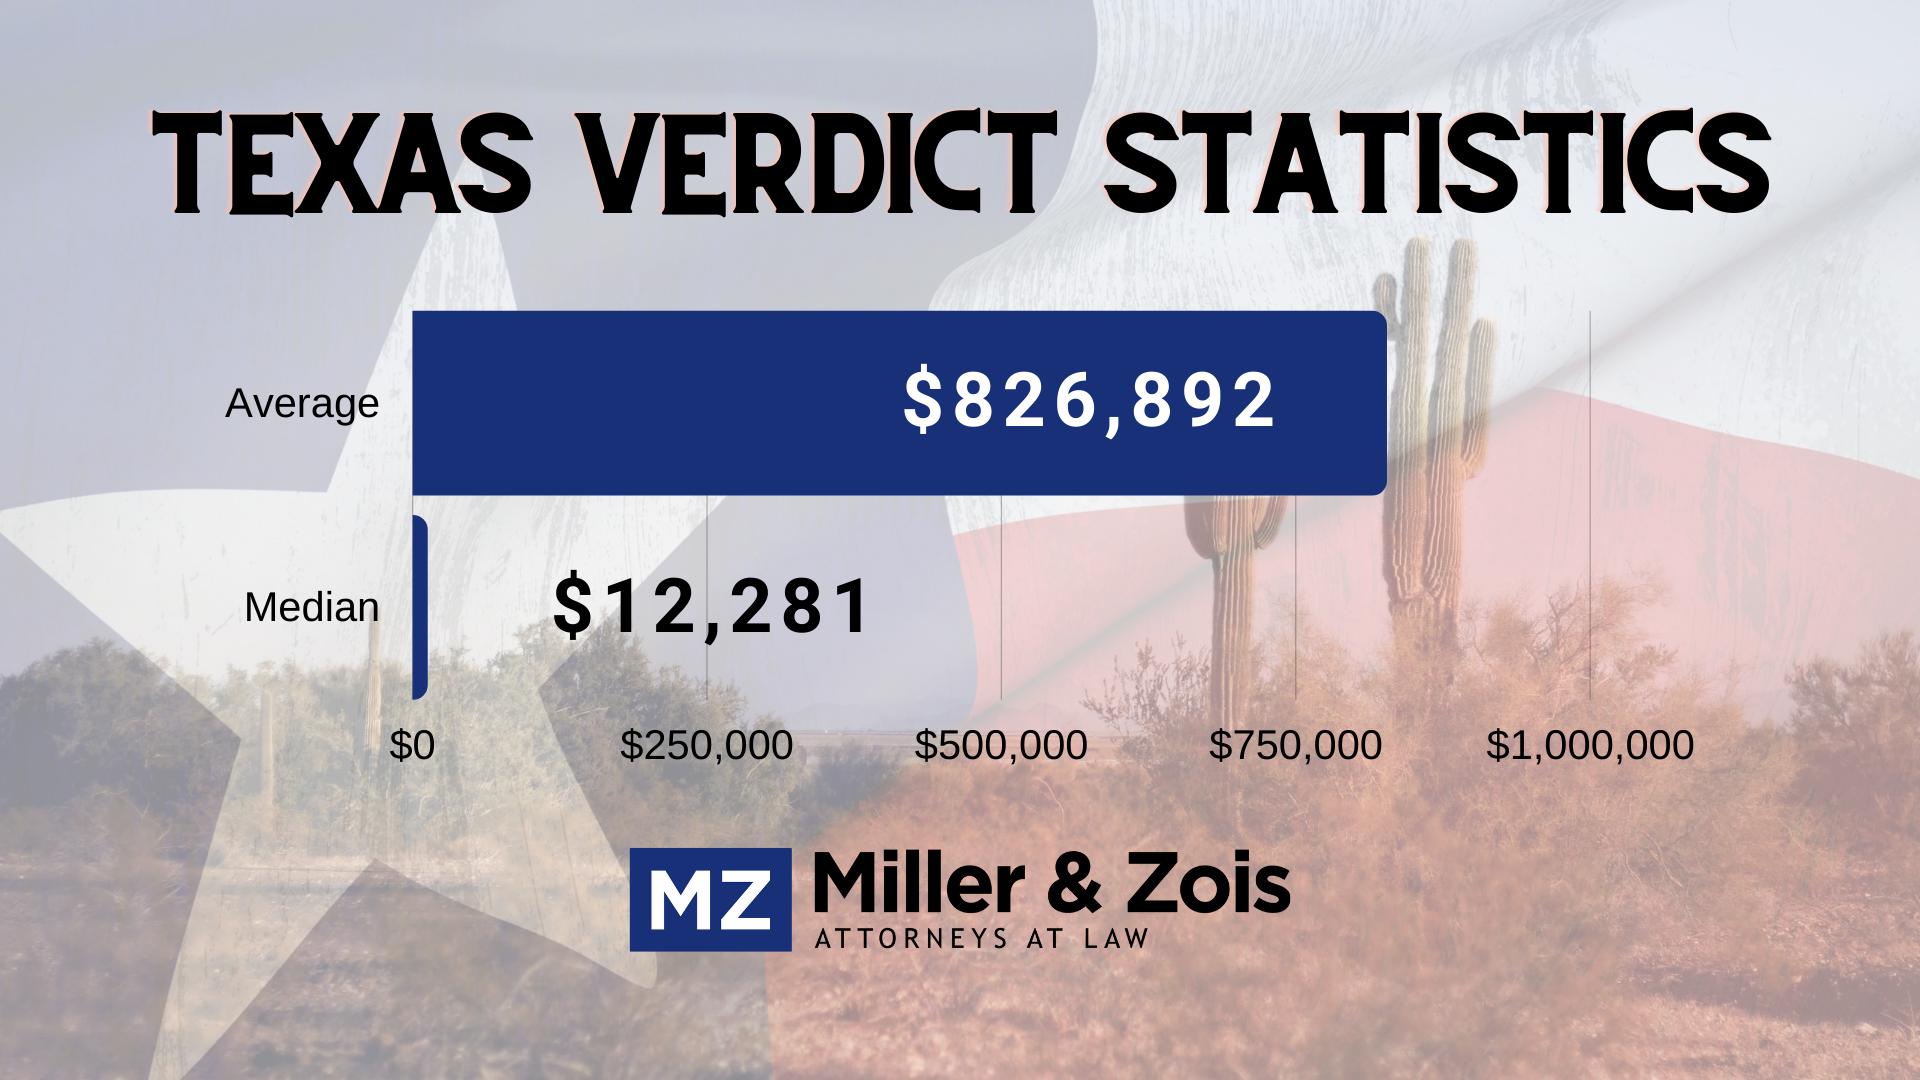 Texas verdict statistics